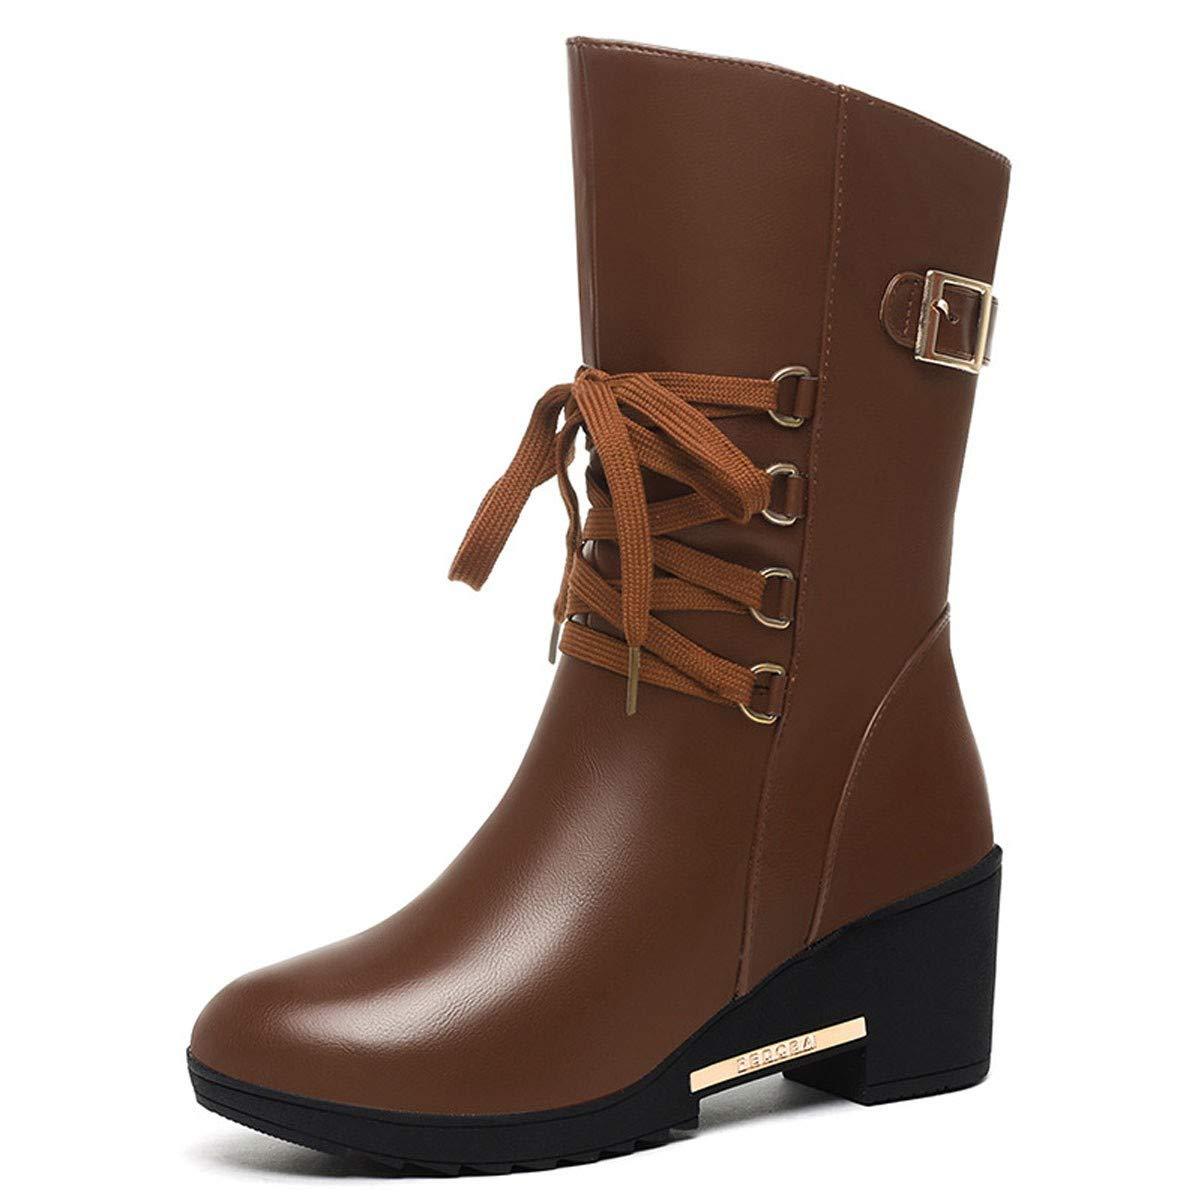 GTVERNH Frauen Schuhe Mittlere U - Stiefel Samt 6 cm High Heels Frauen - Stiefel.